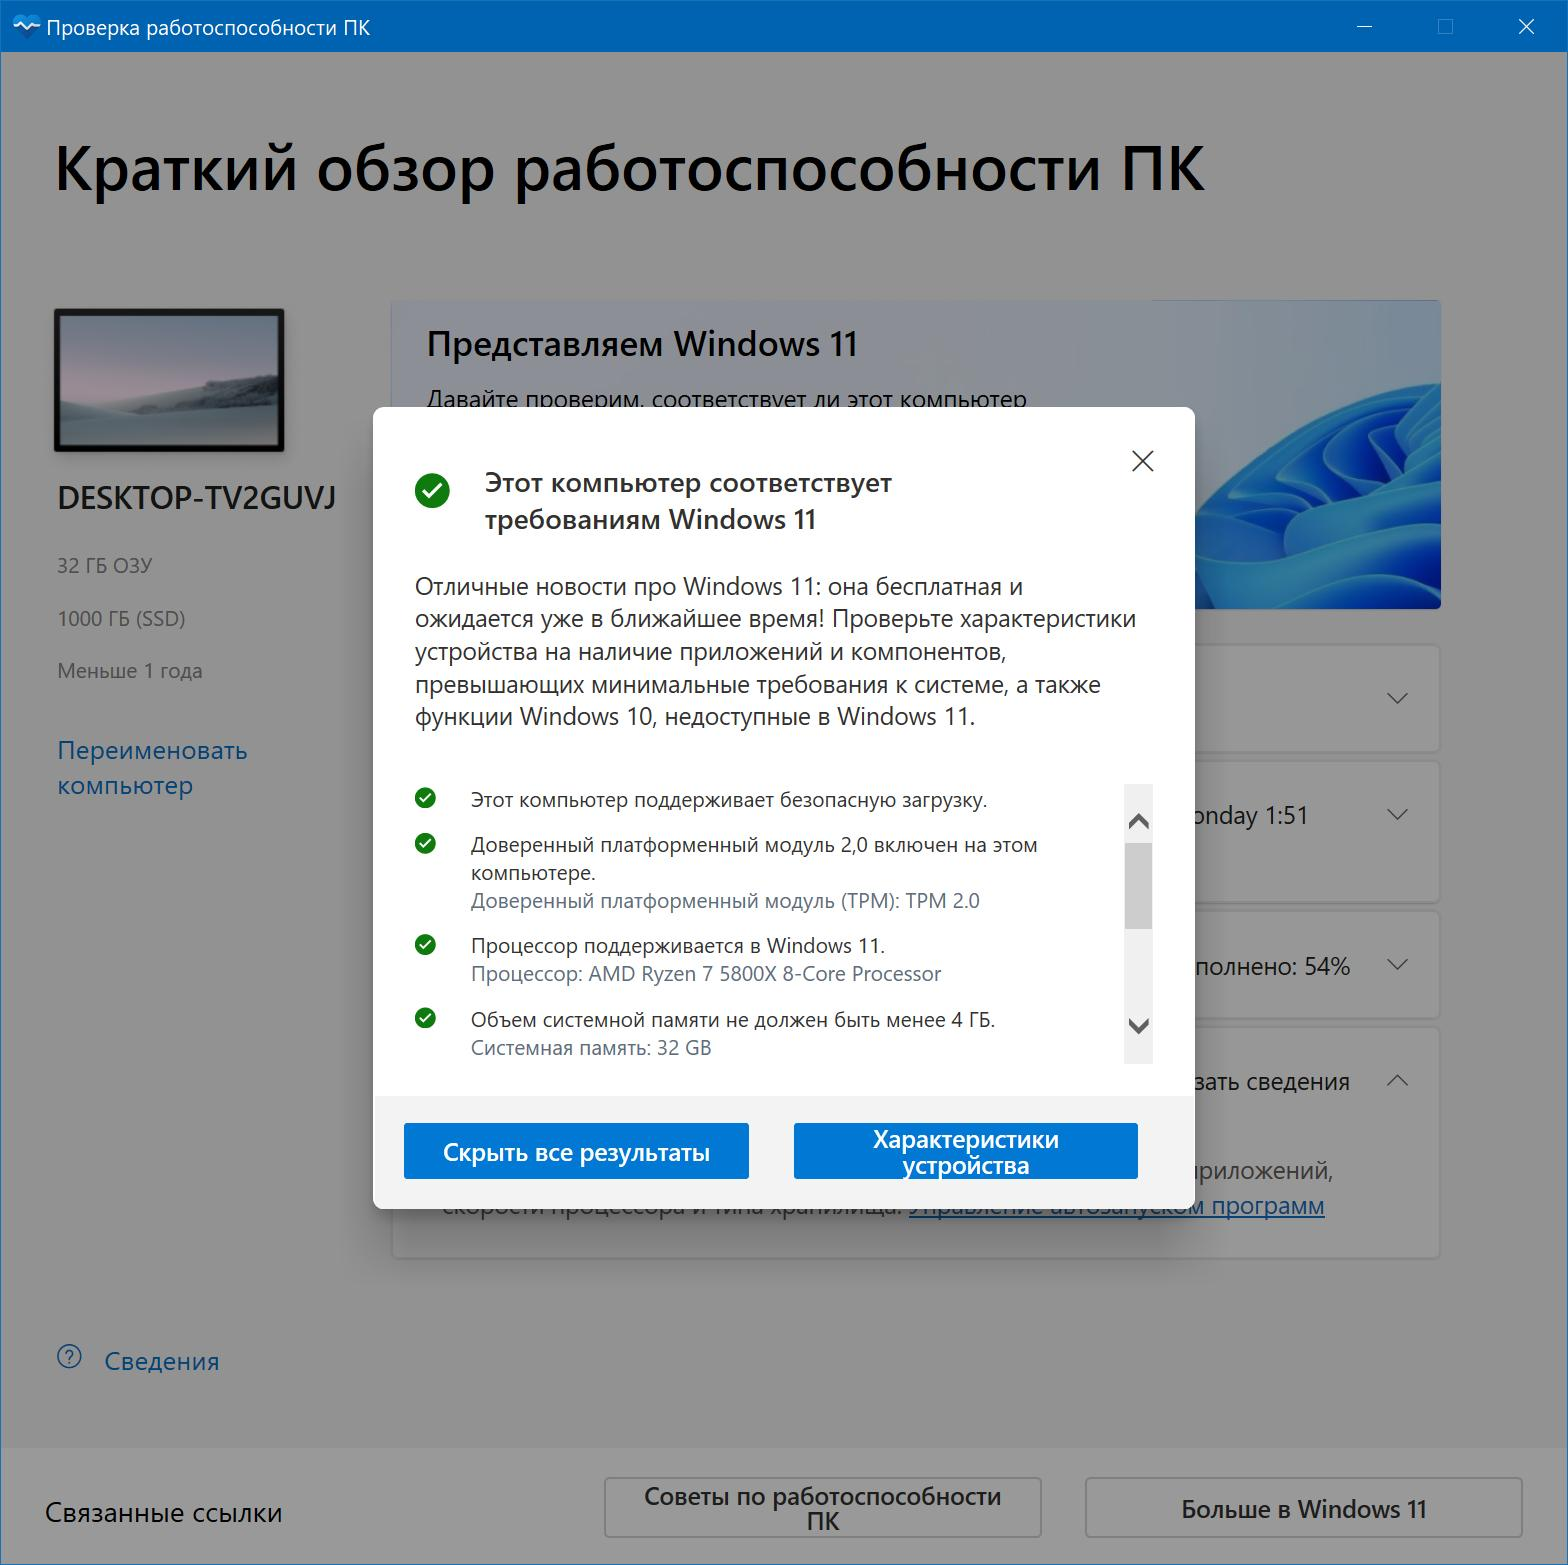 Microsoft дала скачать обновлённое приложение готовности ПКкWindows 11